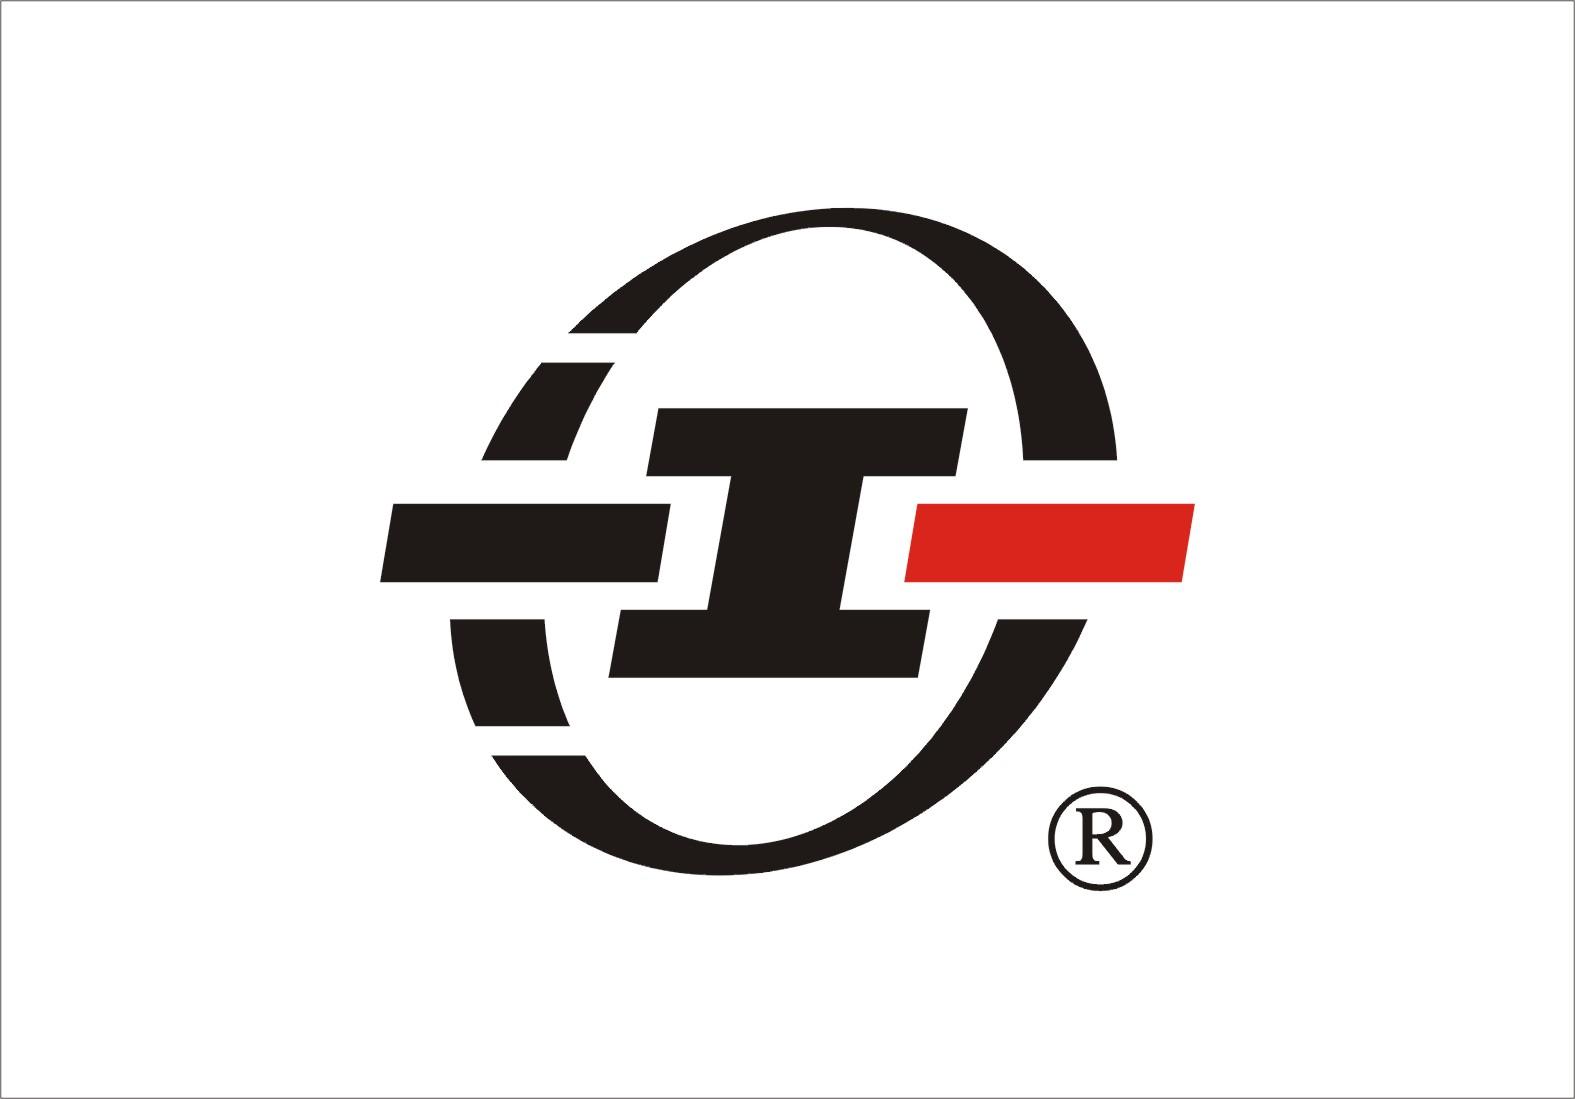 logo logo 标志 设计 矢量 矢量图 素材 图标 1575_1099